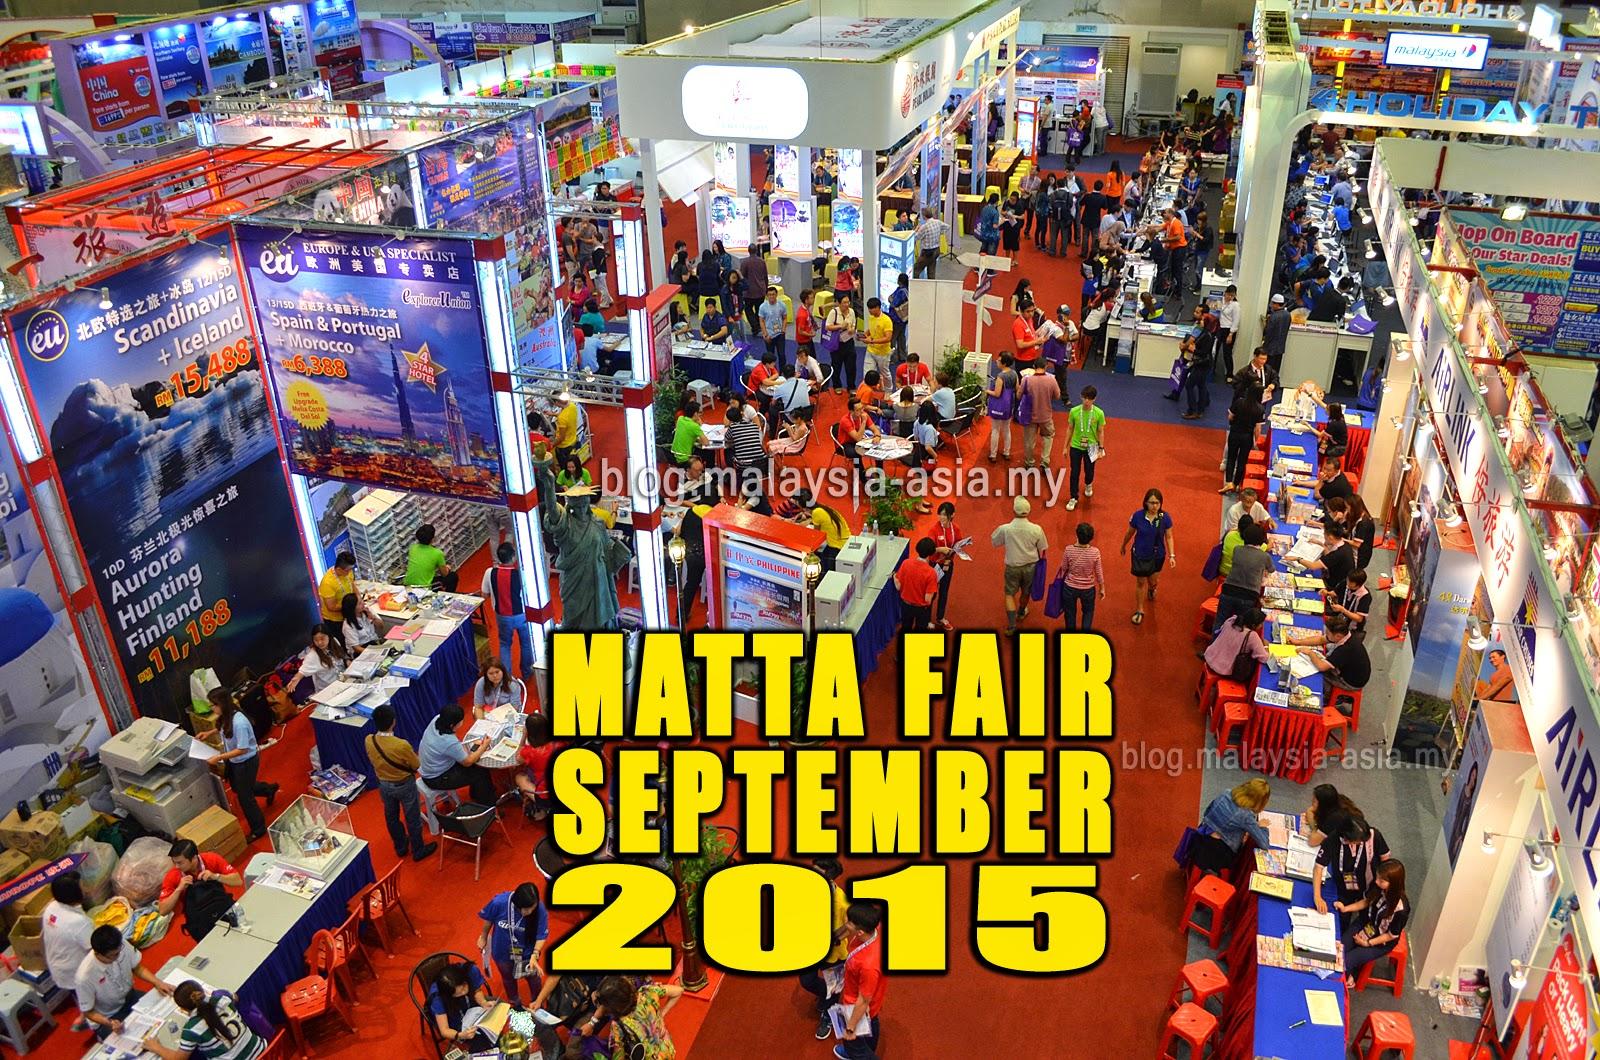 Matta fair september 2015   malaysia asia